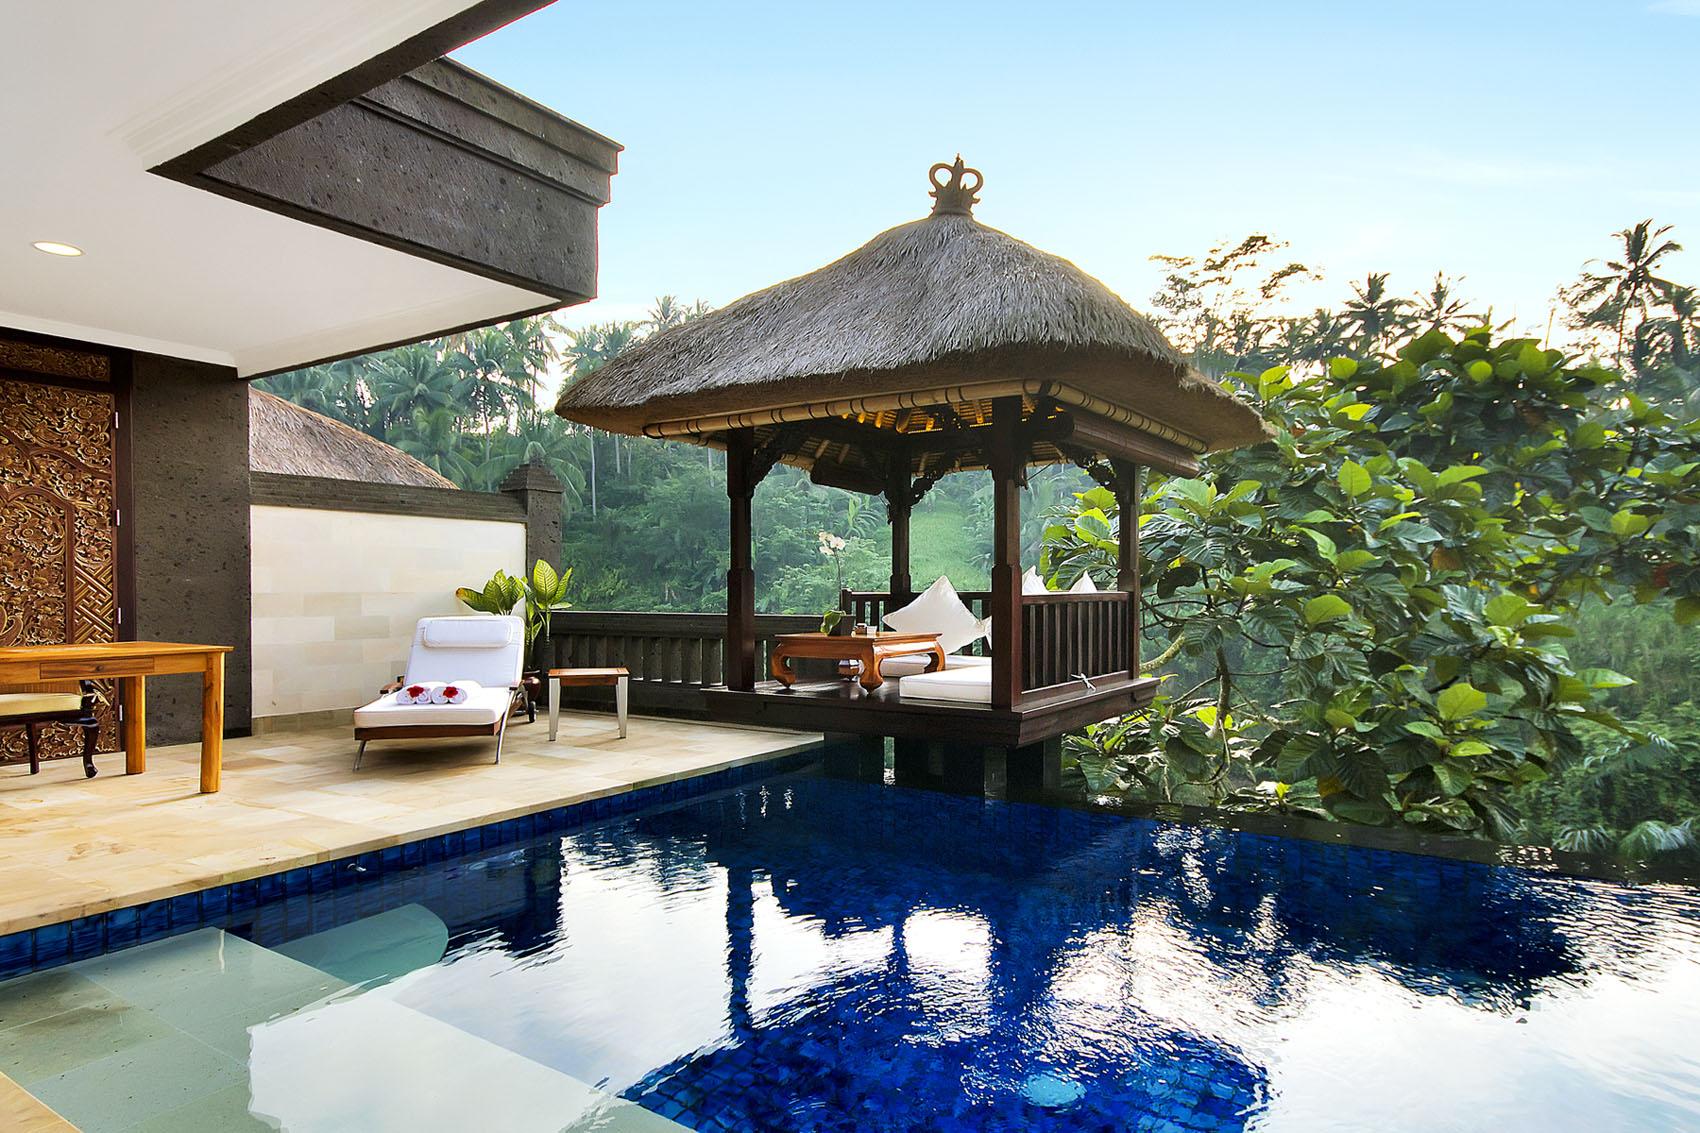 9 lyxiga hotell att dr mma sig bort till dr mhem tr dg rd. Black Bedroom Furniture Sets. Home Design Ideas